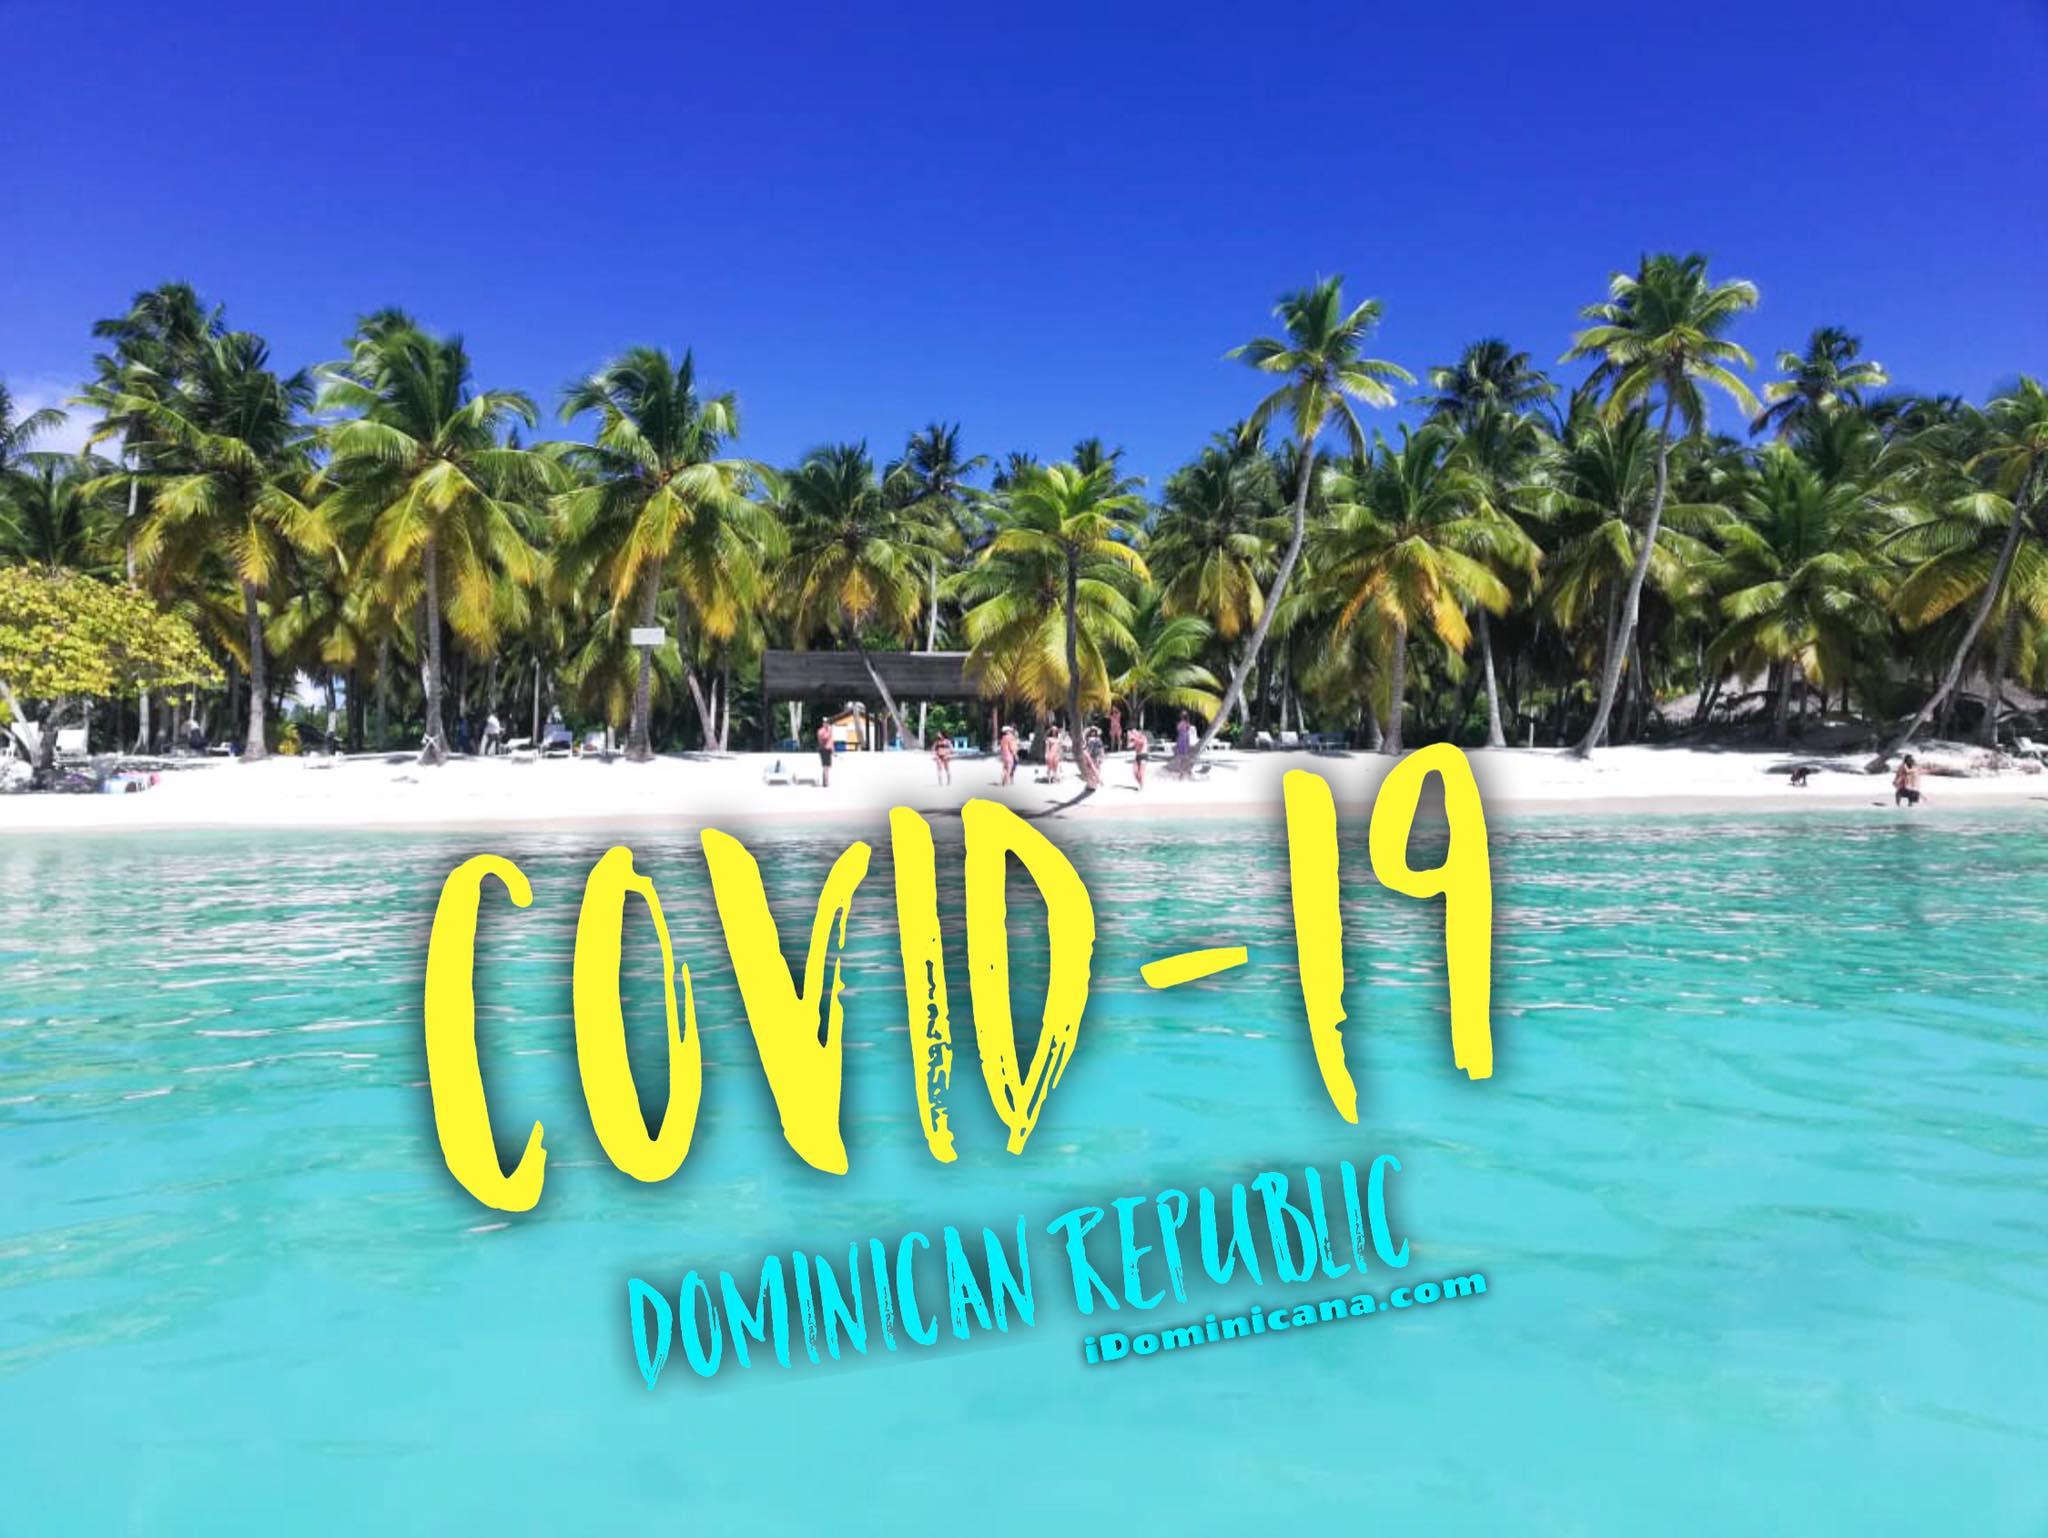 Доминикана коронавирус: статистика за 24 марта - 312 заболевших